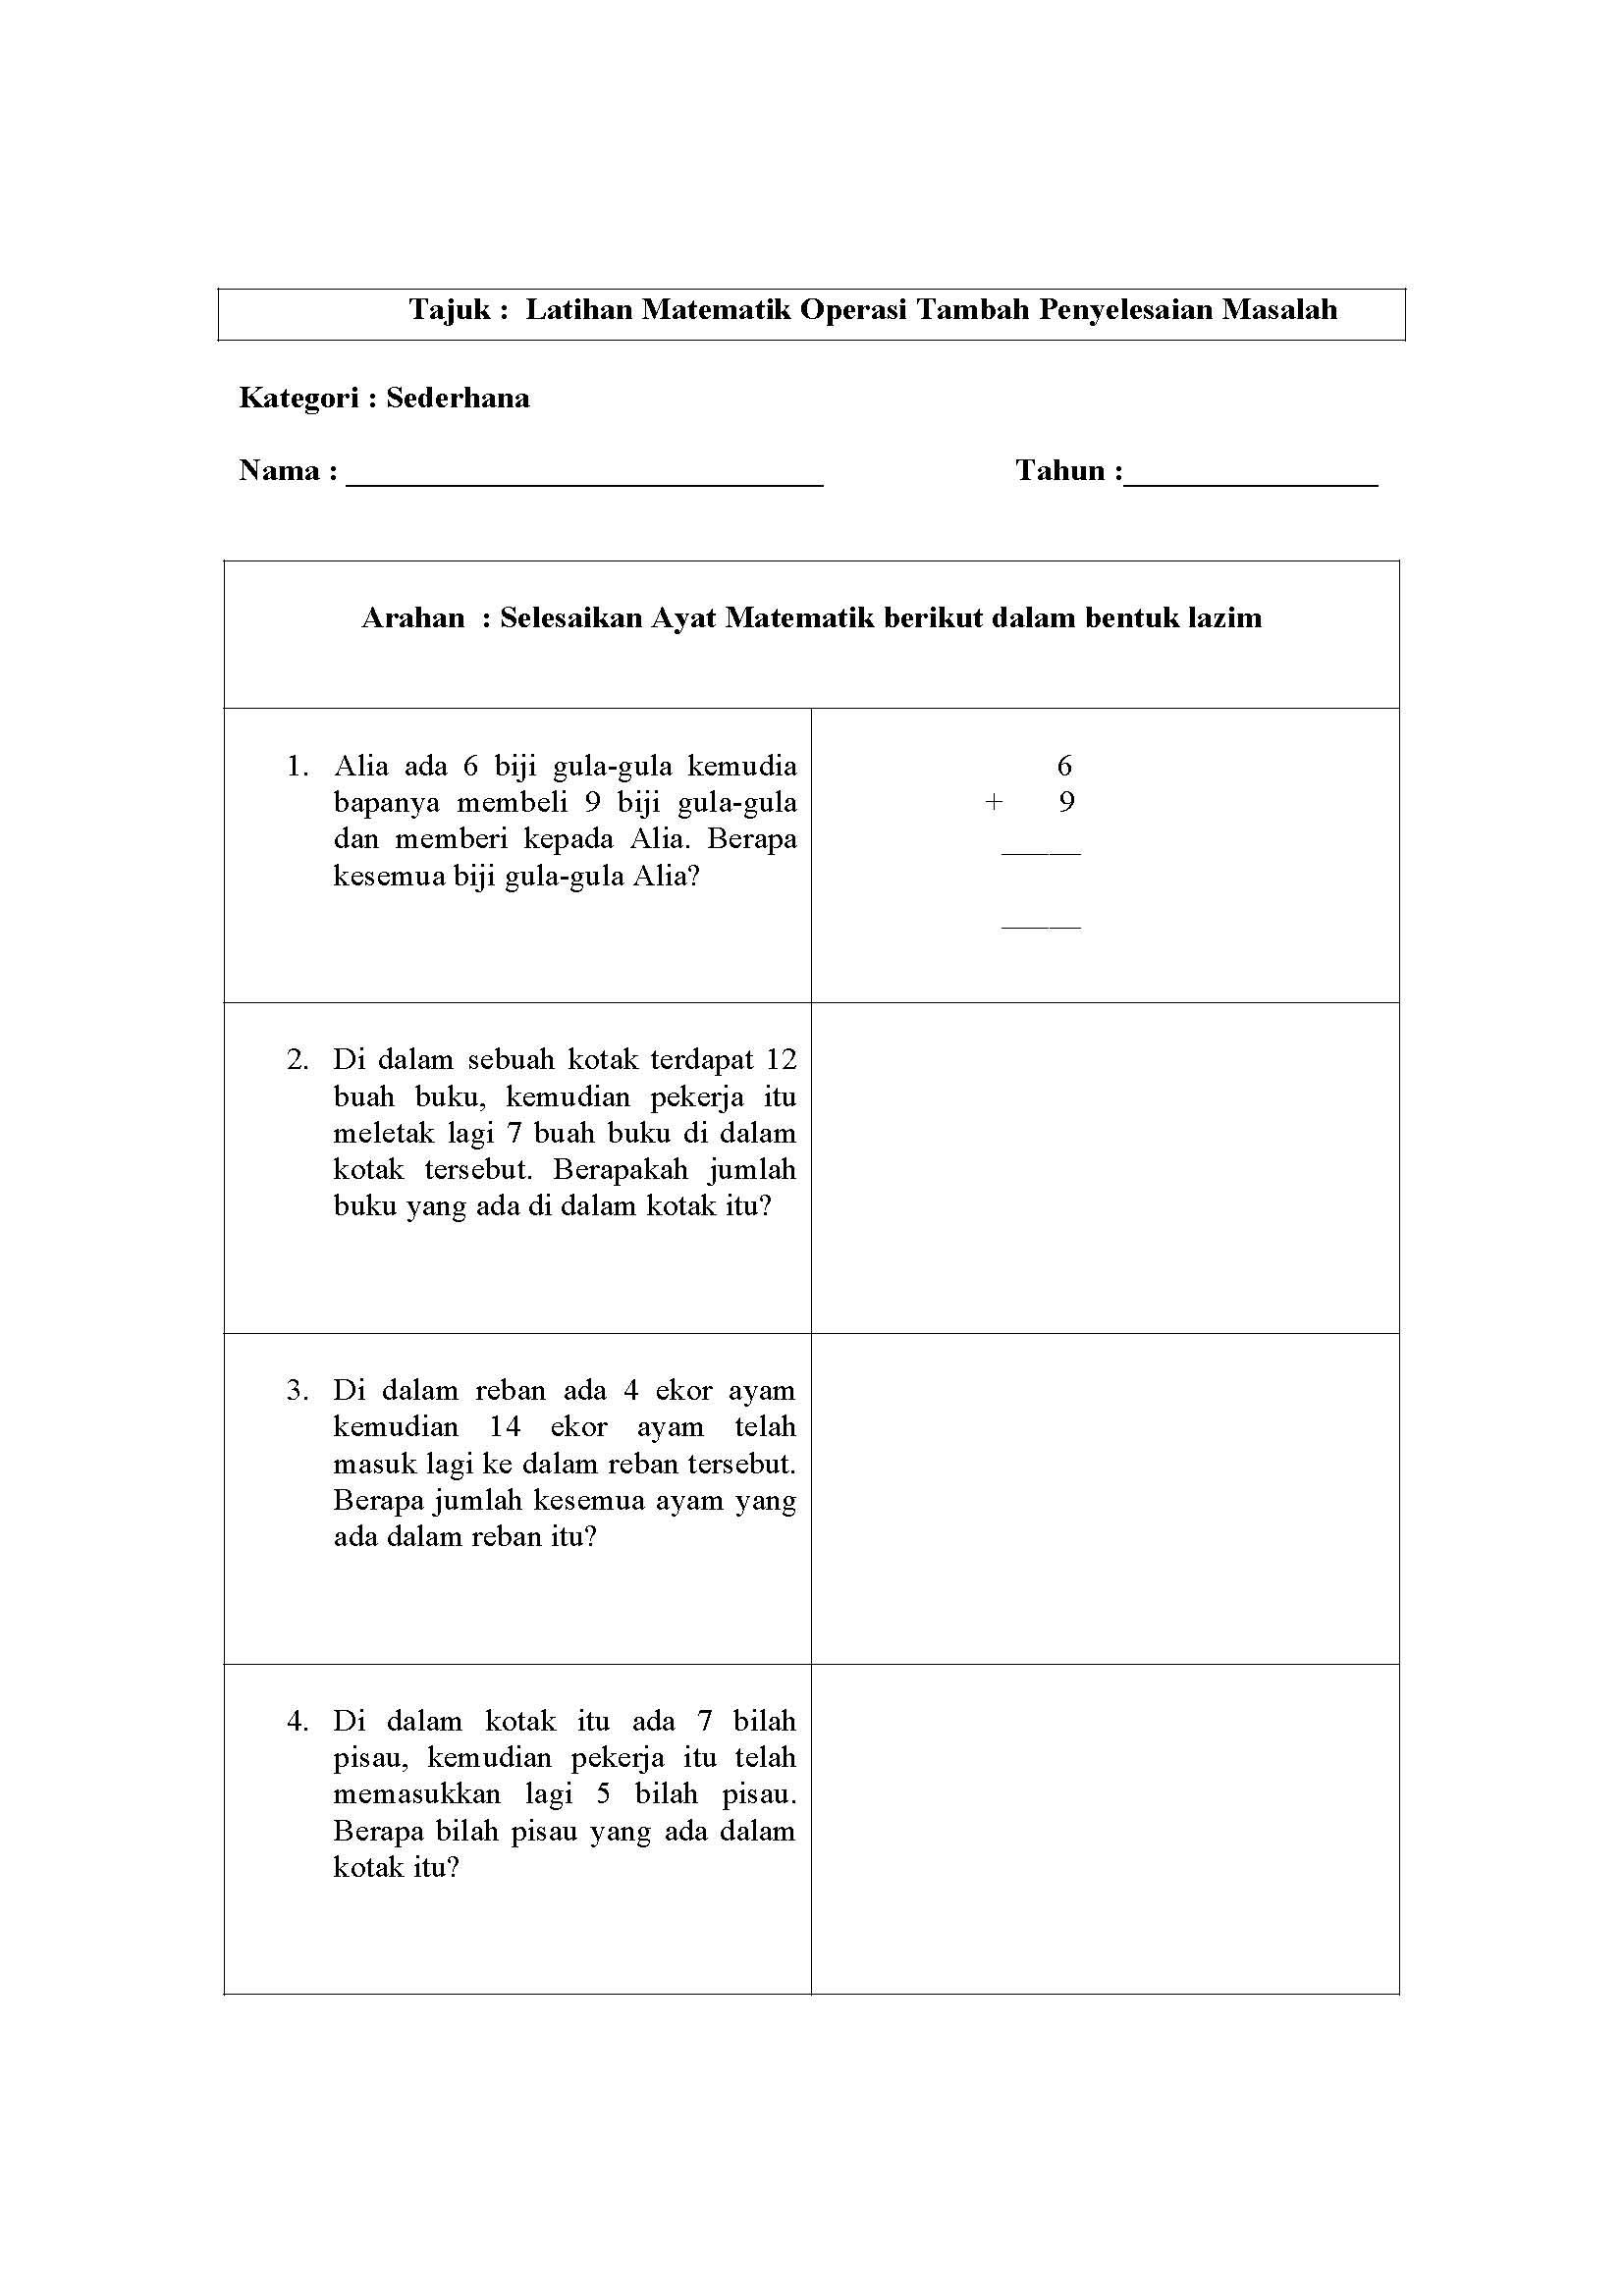 Nota Matematik Tahun 1 Yang Penting Latihan Matematik Tahun 1 Of Himpunan Nota Matematik Tahun 1 Yang Bernilai Untuk Para Guru Muat Turun